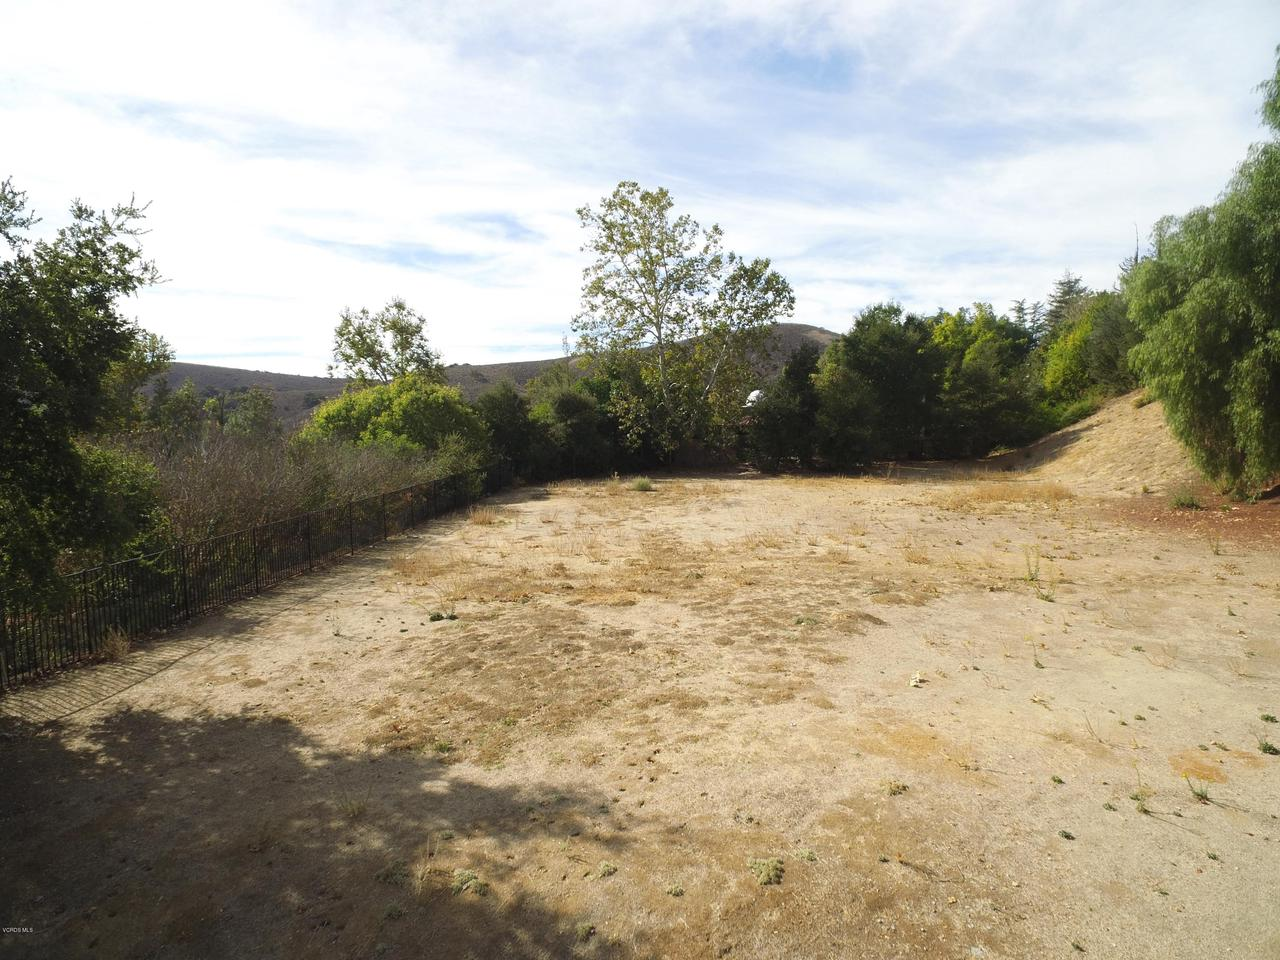 1545 FAIRMOUNT, Westlake Village, CA 91362 - DJI_0005